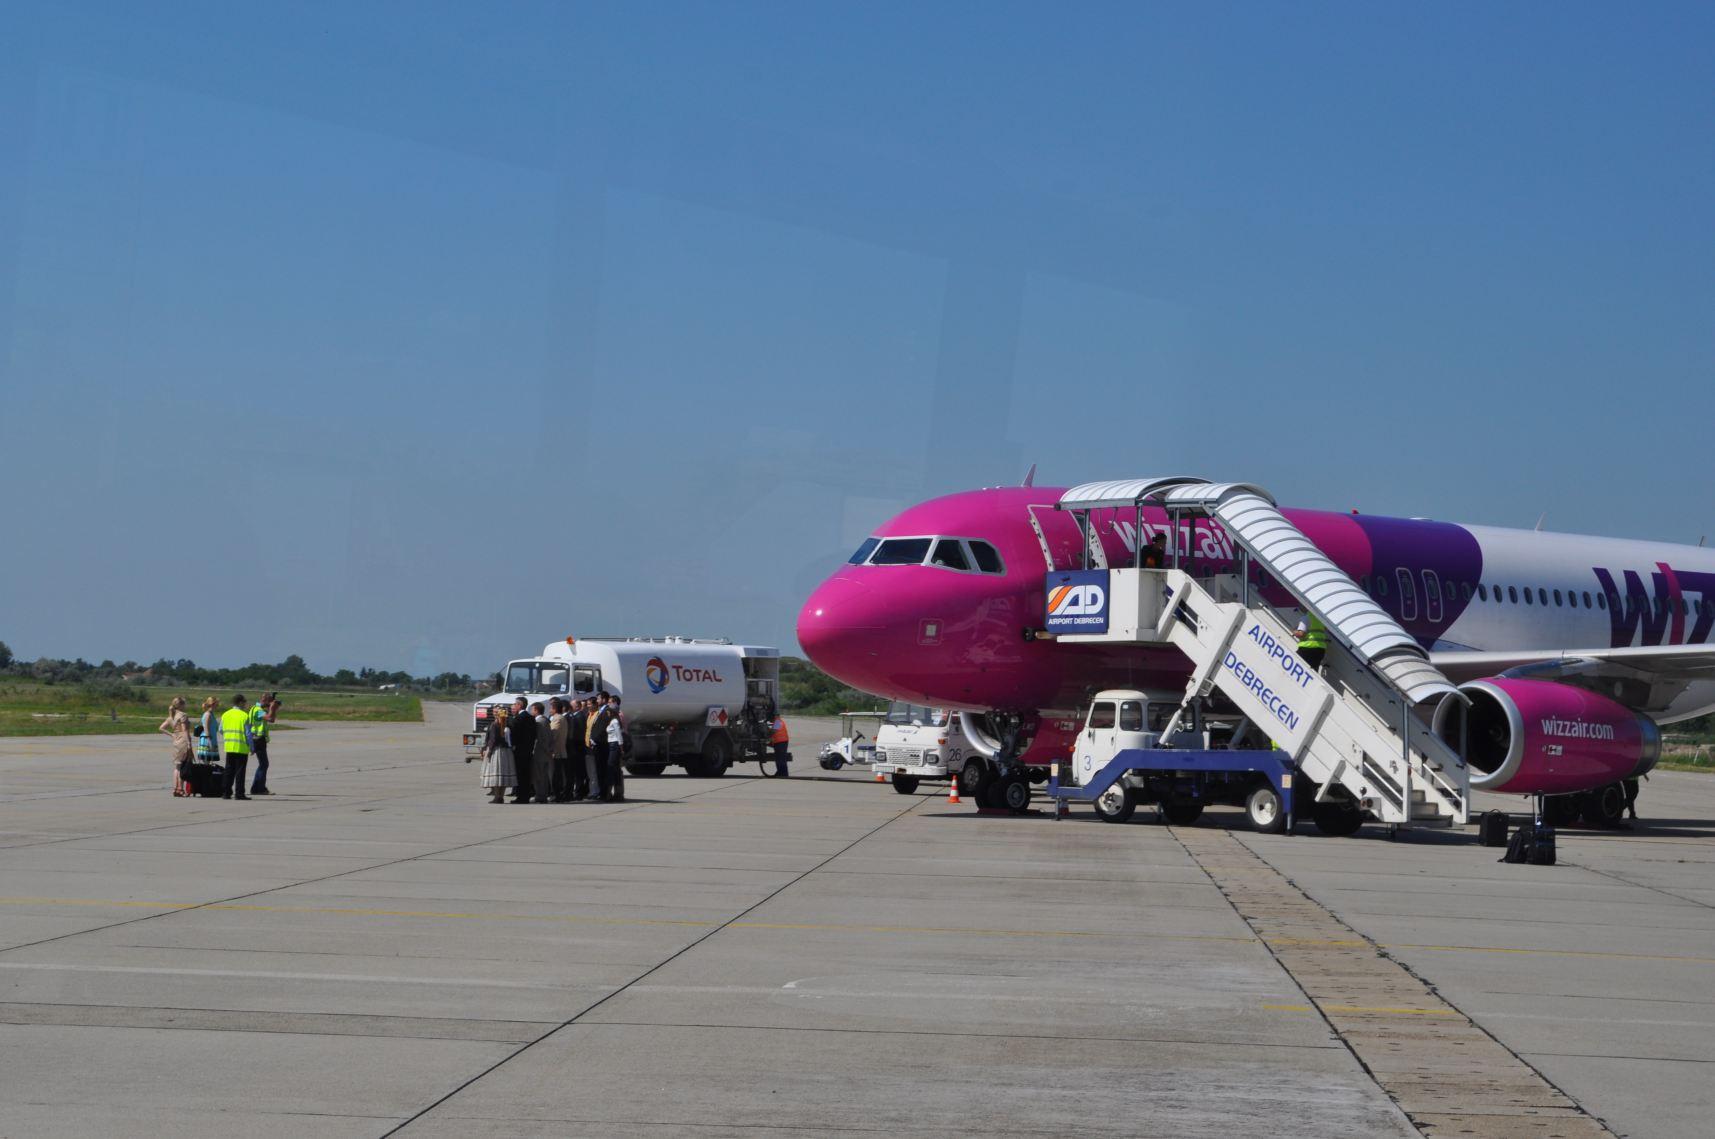 Wizz csökkentés, Budapestről csak 12, Debrecenből csak egy járat